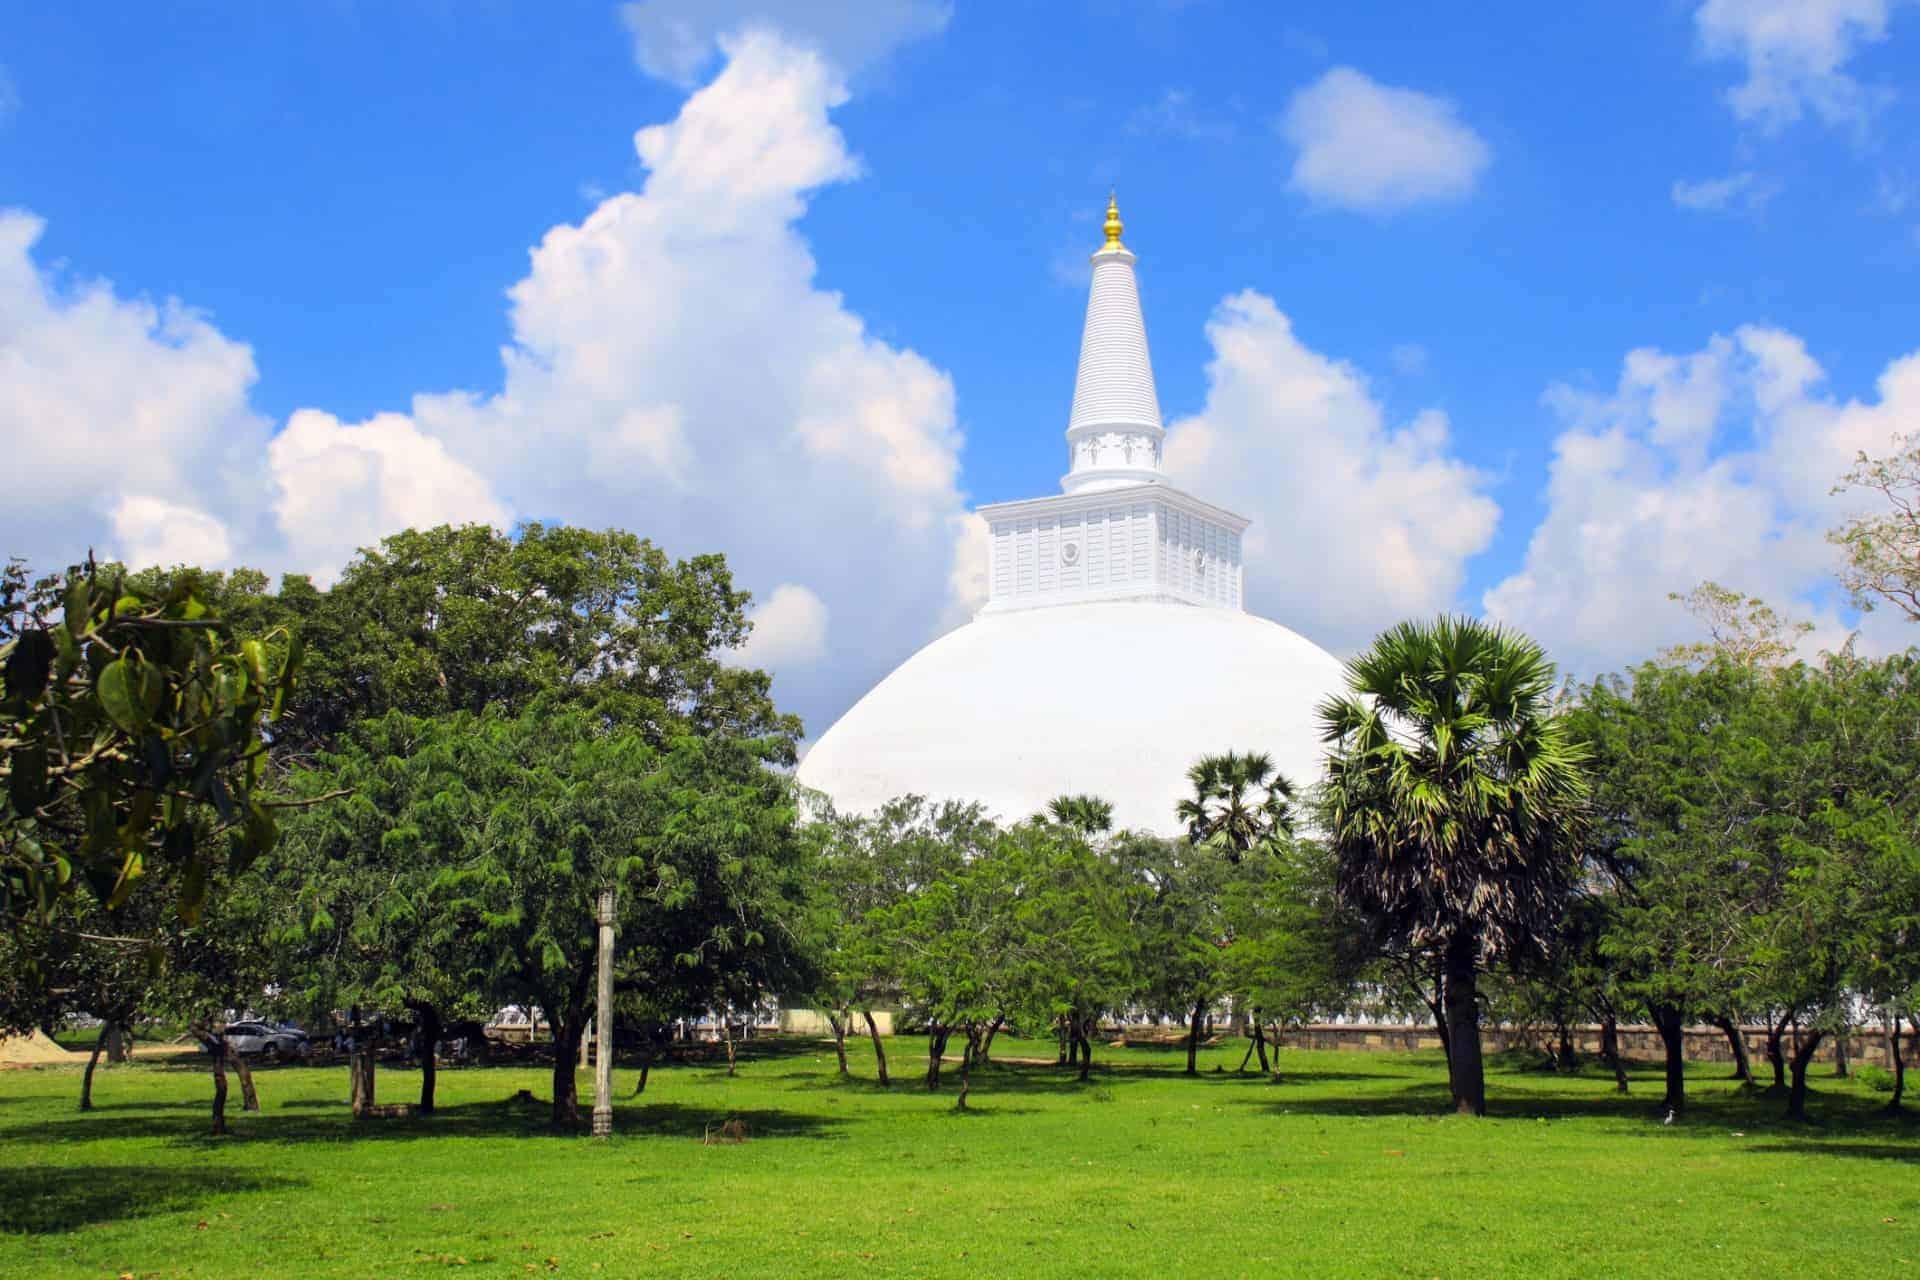 Ruwanwelisaya in Anuradhapura Sri Lanka